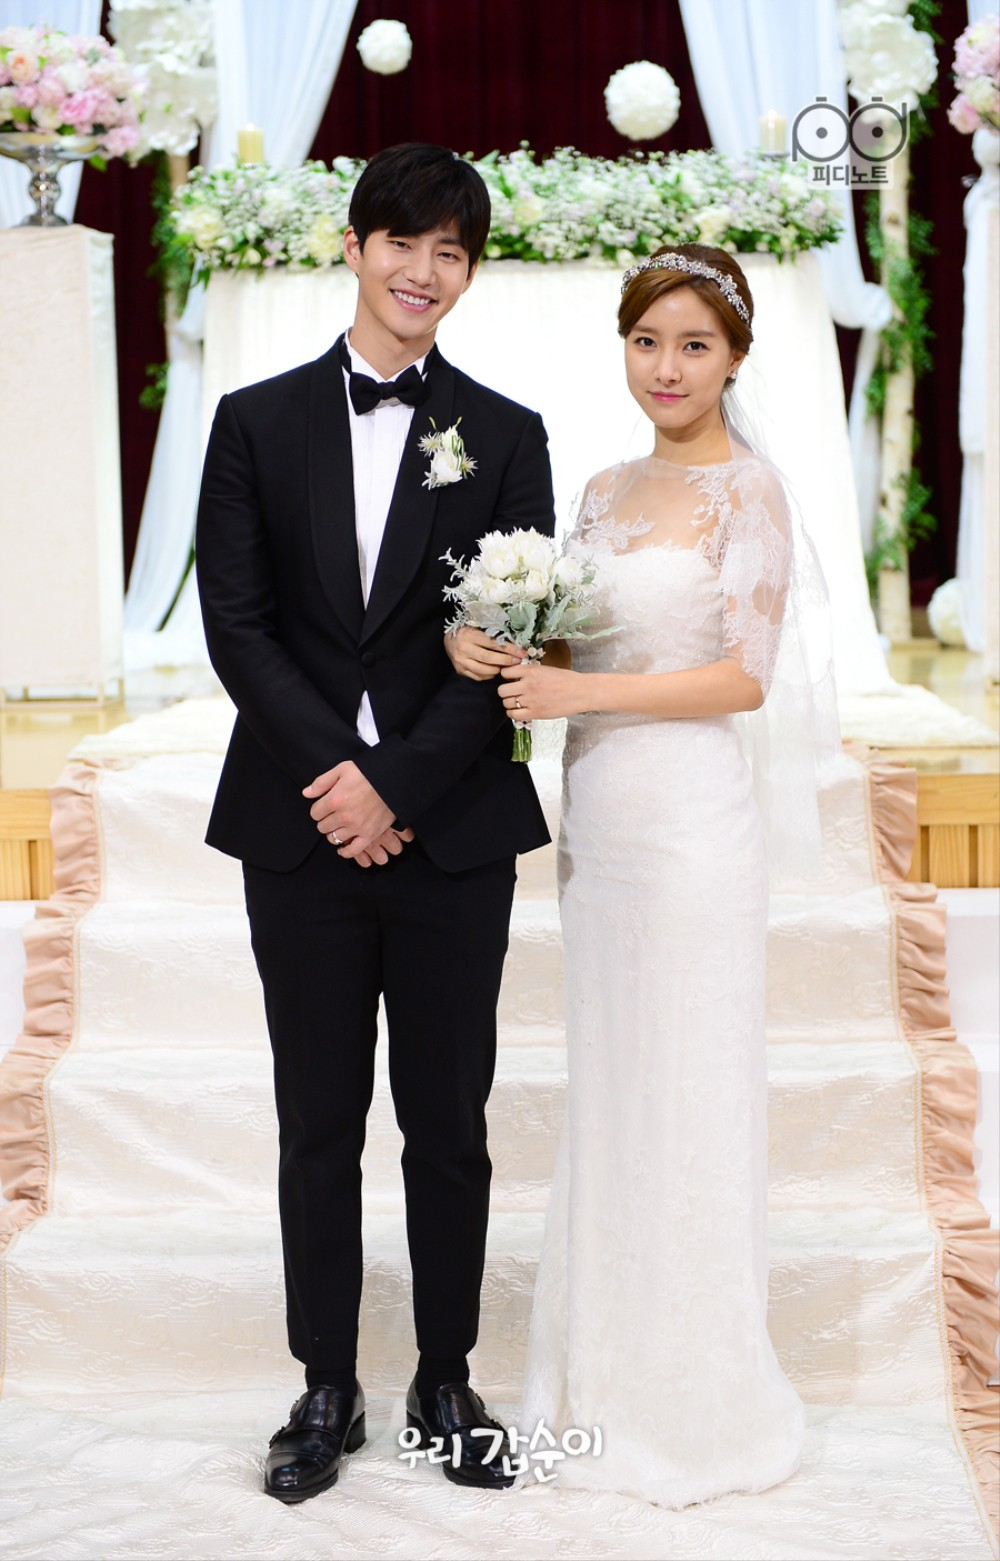 Hóa ra nàng cháo Kim So Eun và chồng hờ đã cho fan ăn một cú lừa như thế này! - Ảnh 6.